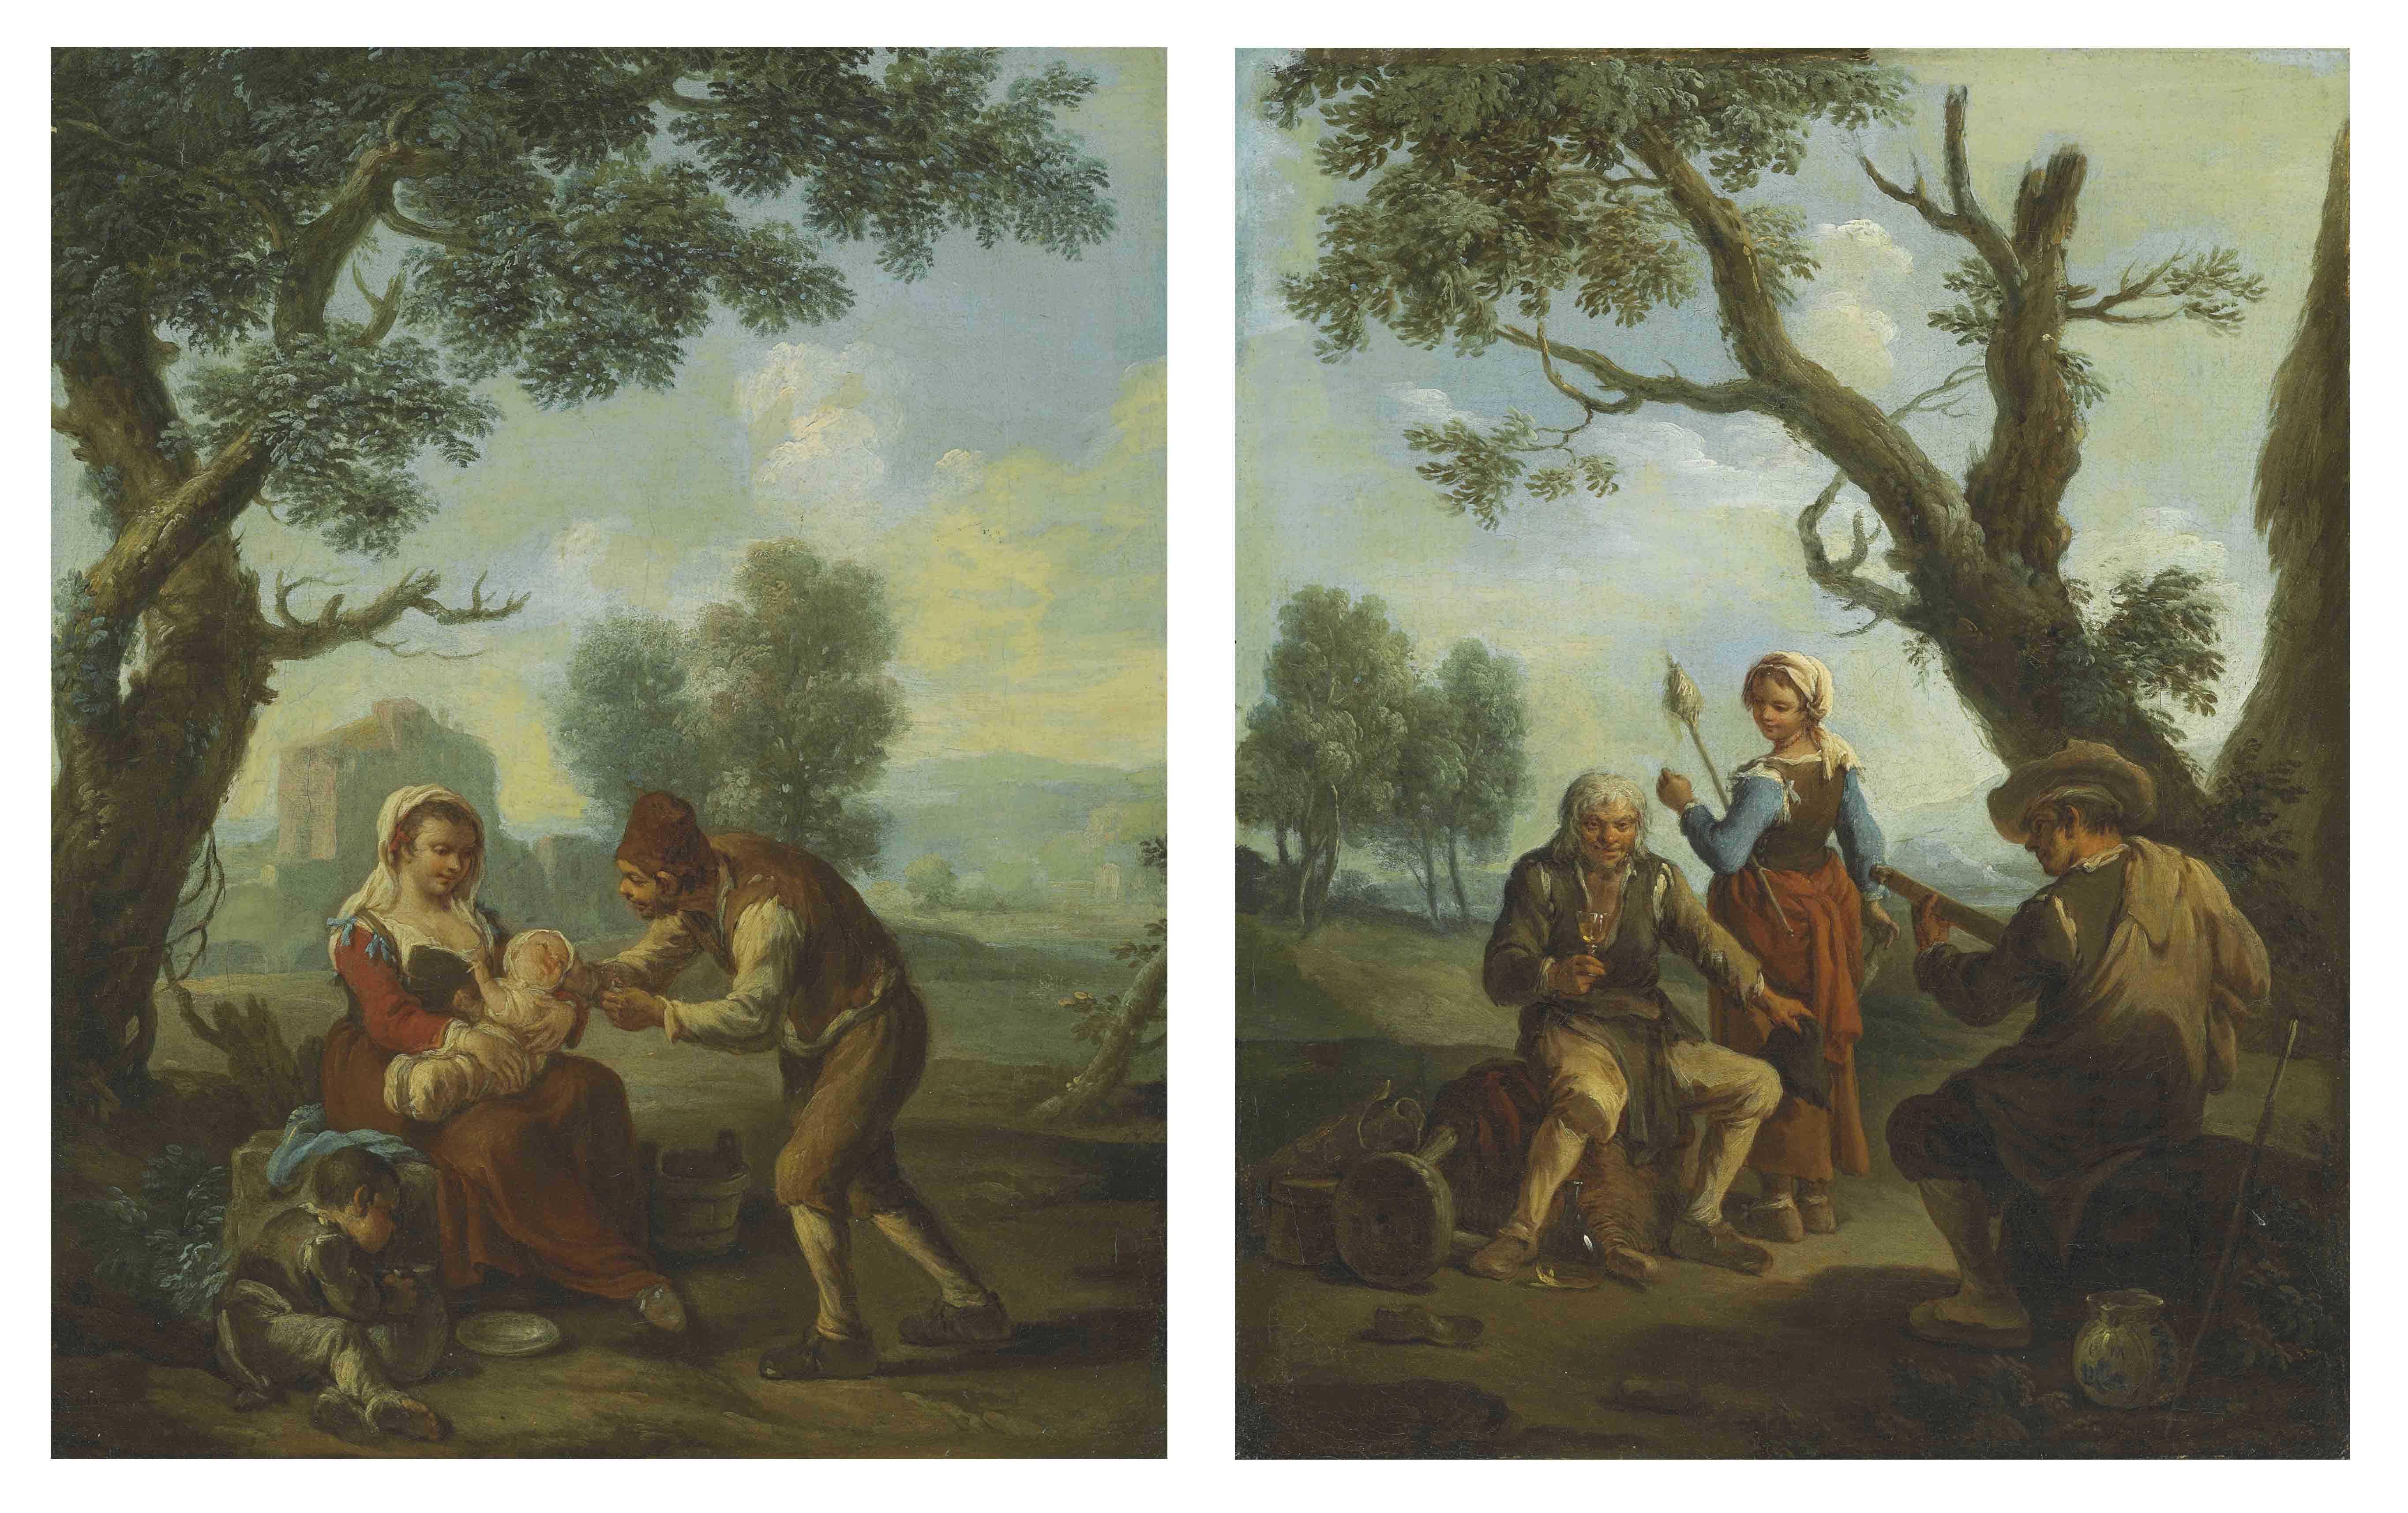 Paolo Monaldi (active Rome c. 1750-1800)